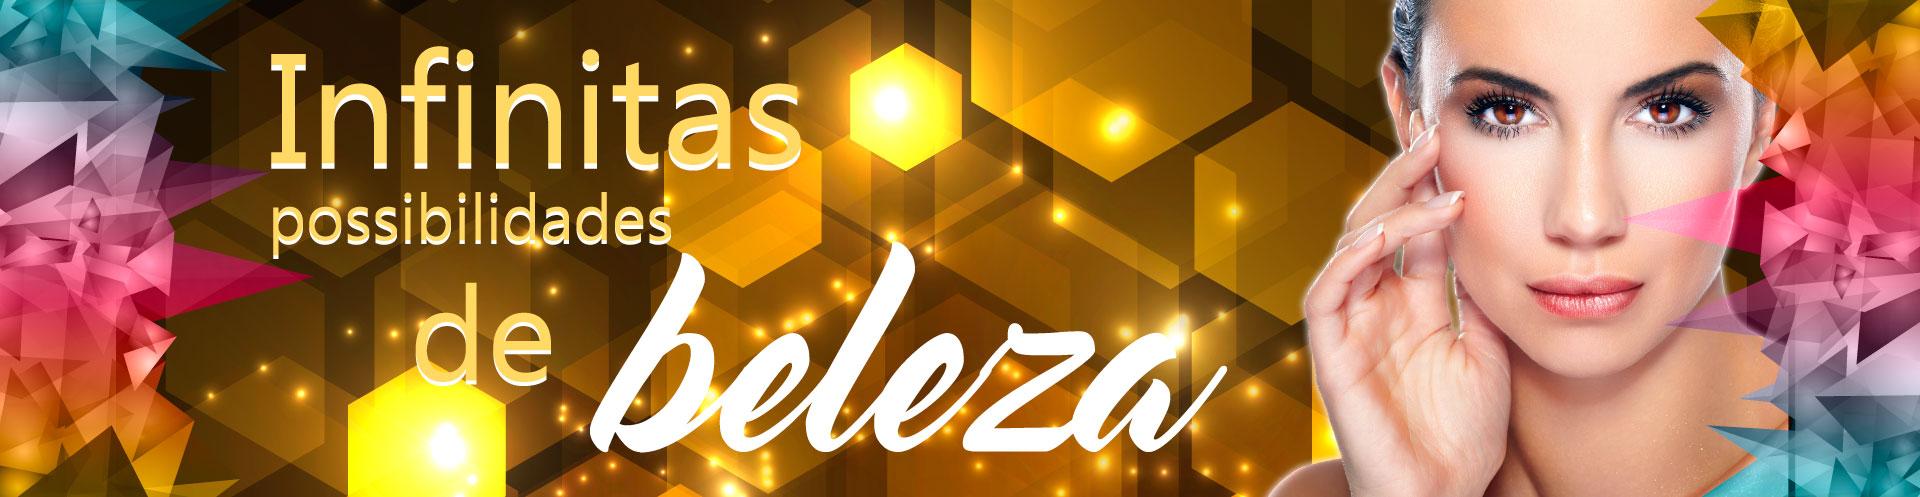 Banner Uau Beleza